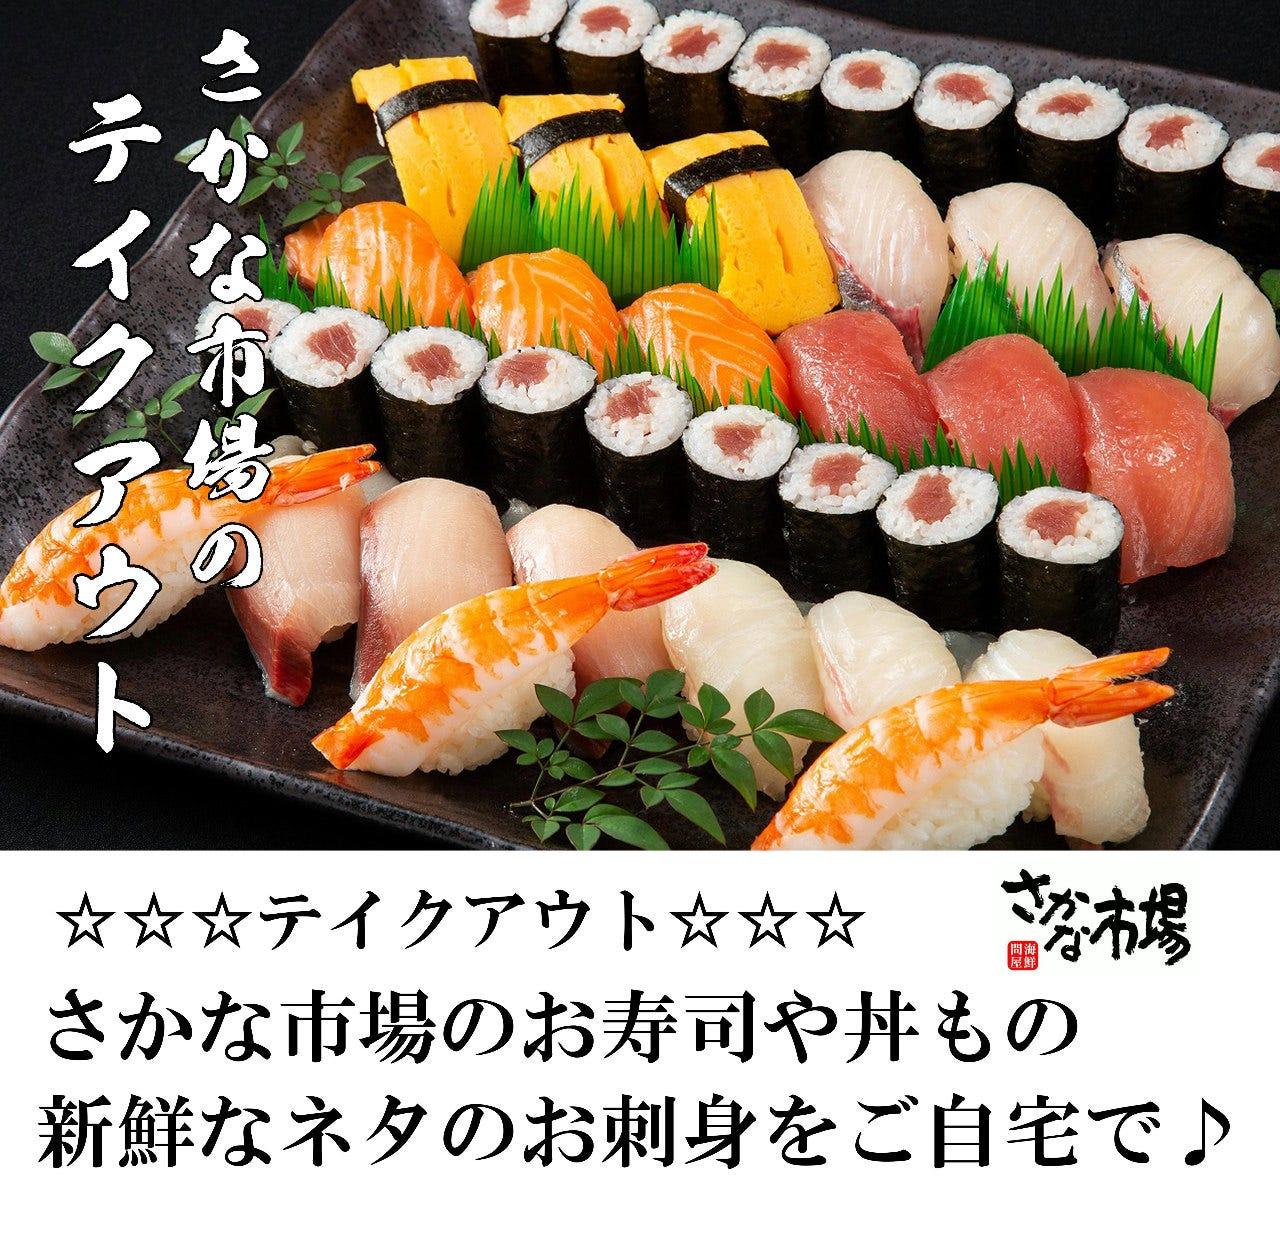 ランチにもぴったり寿司・刺身・丼物